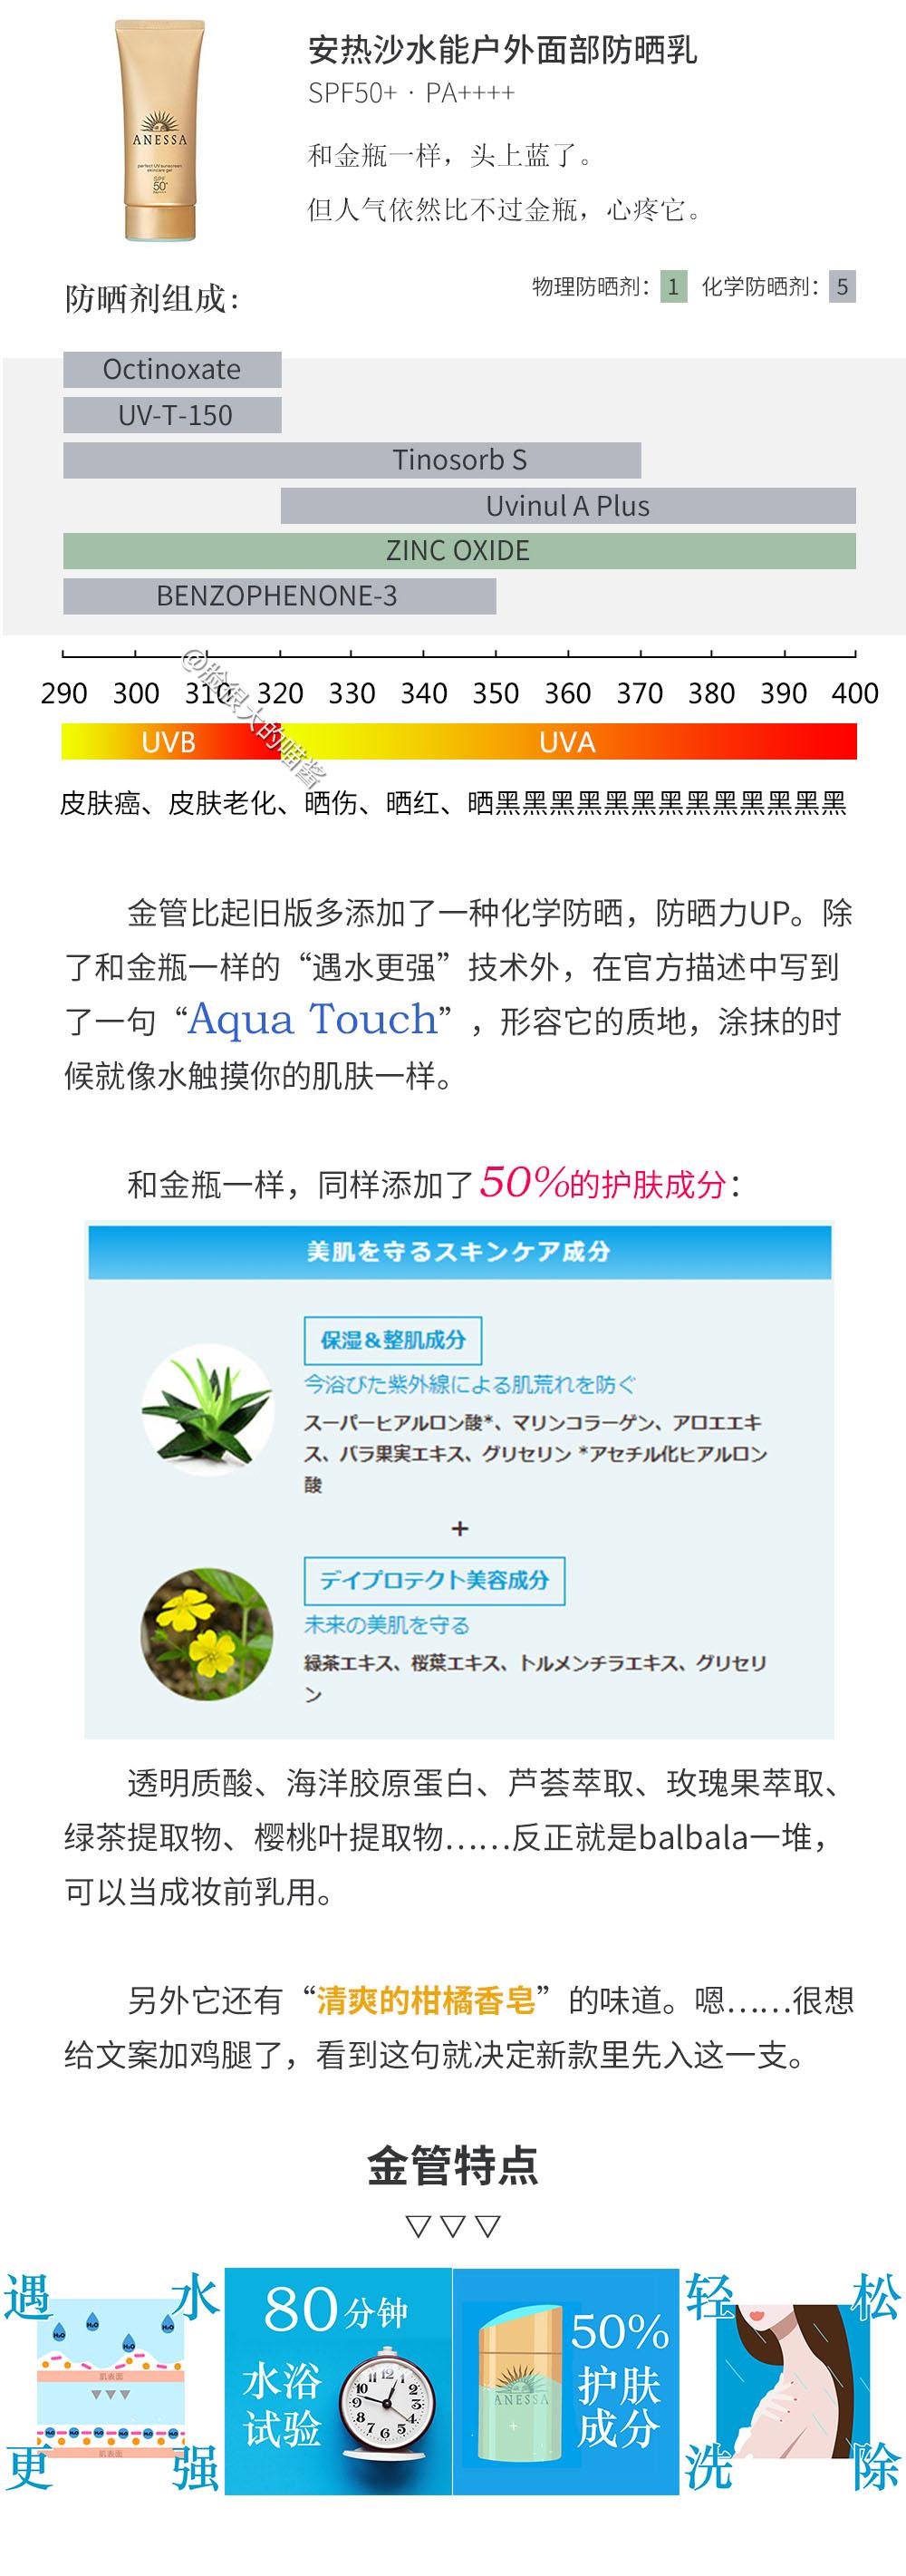 安热沙新款图-2.jpg